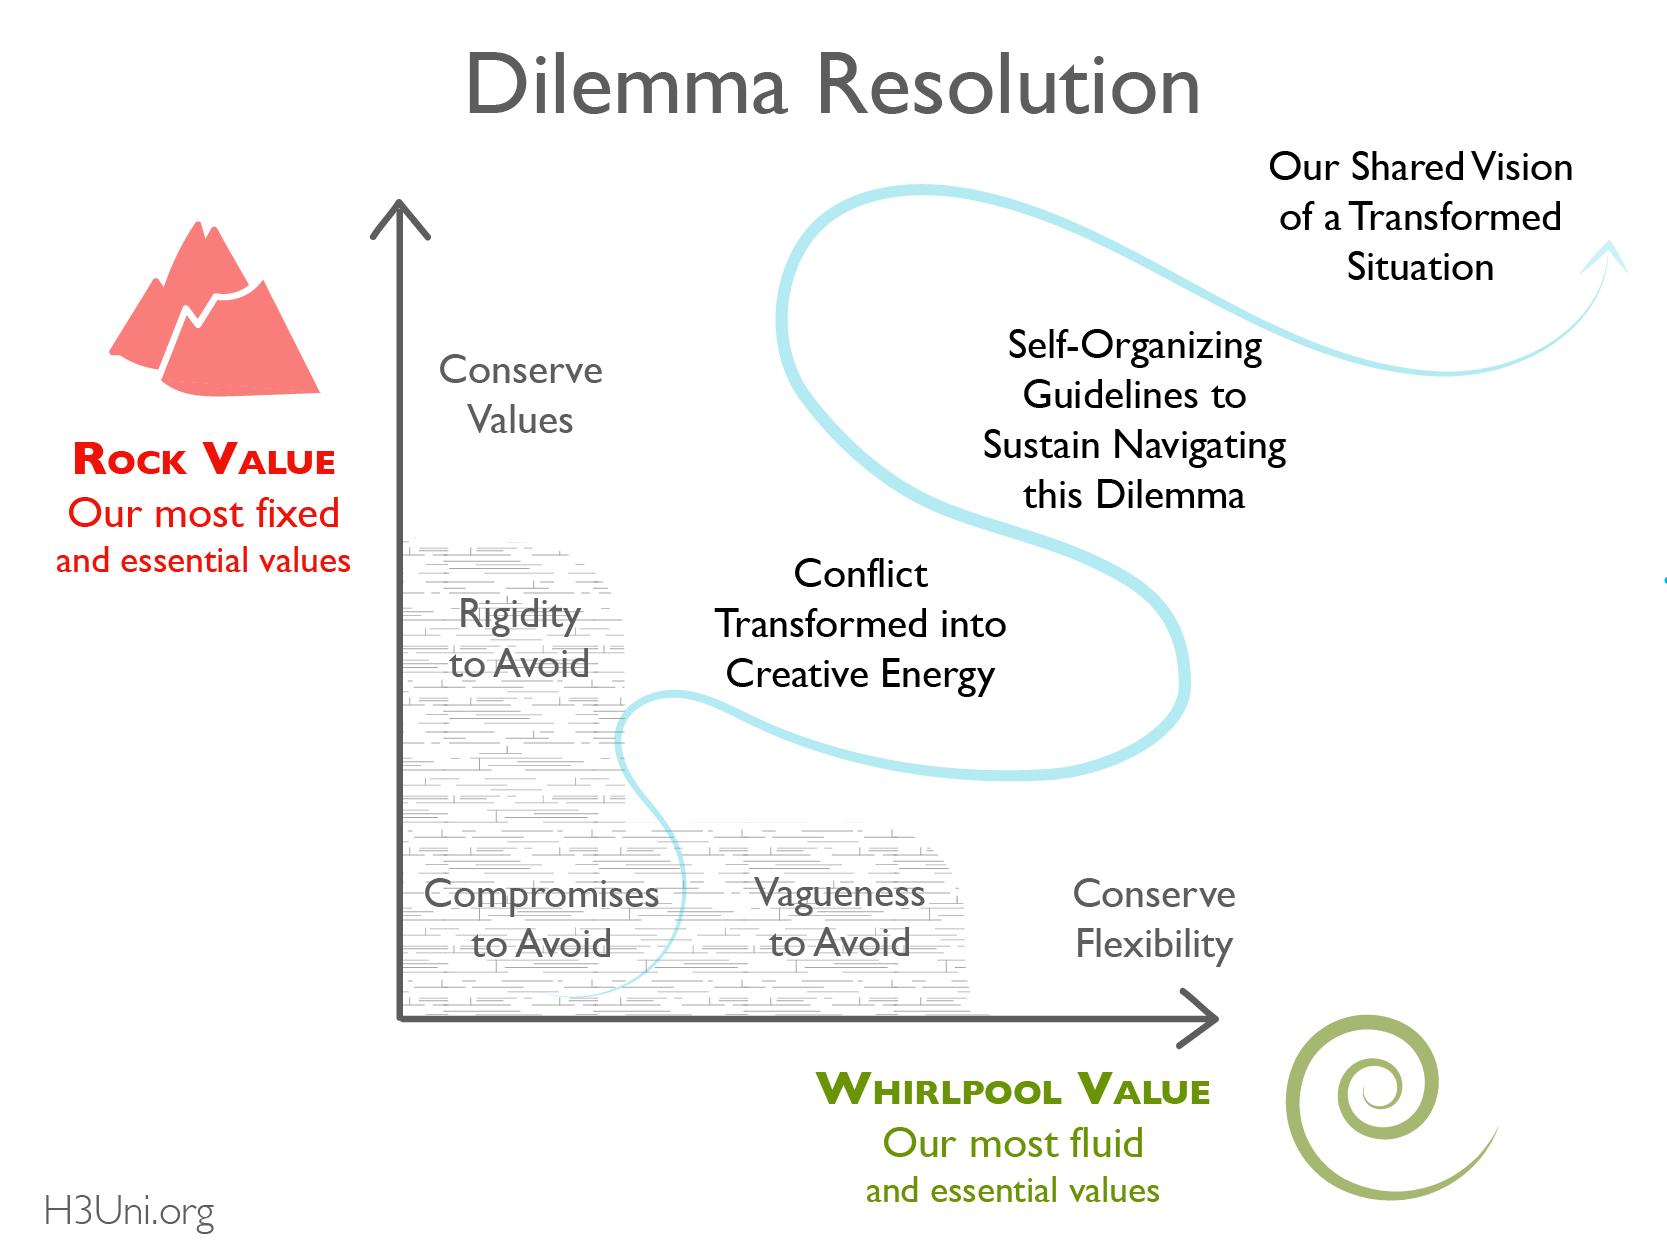 Dilemma Resolution